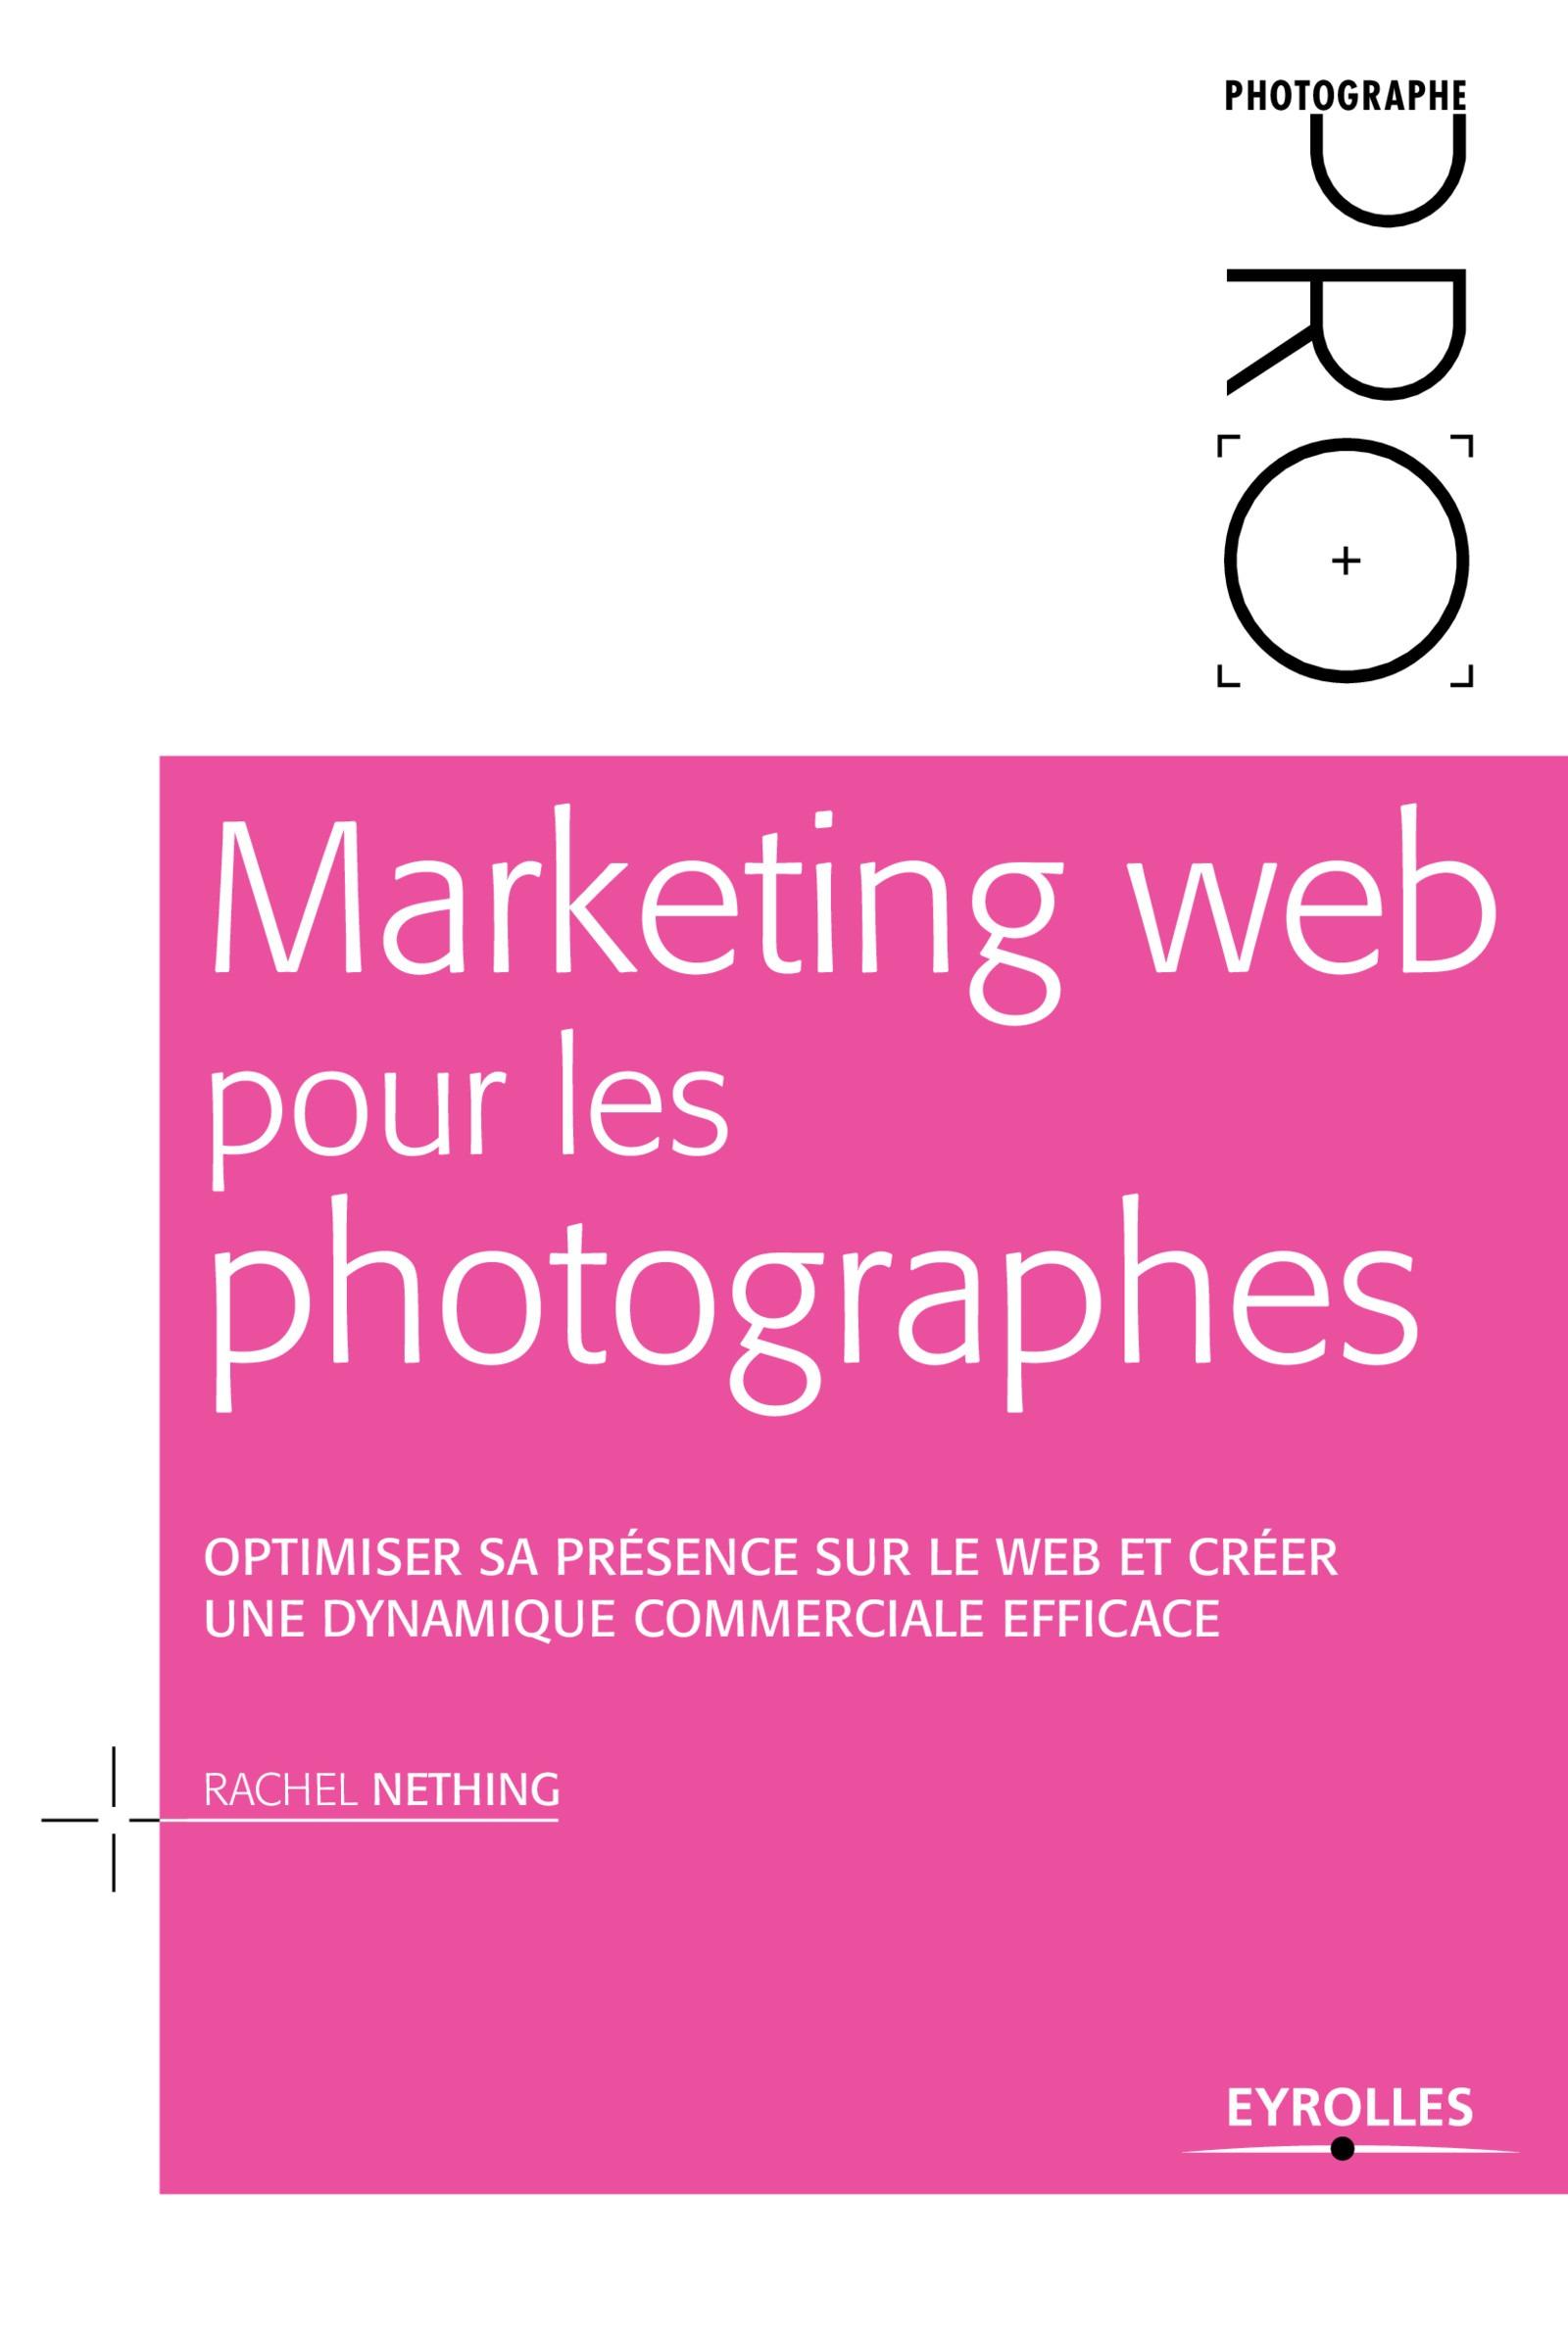 Marketing web pour les photographes